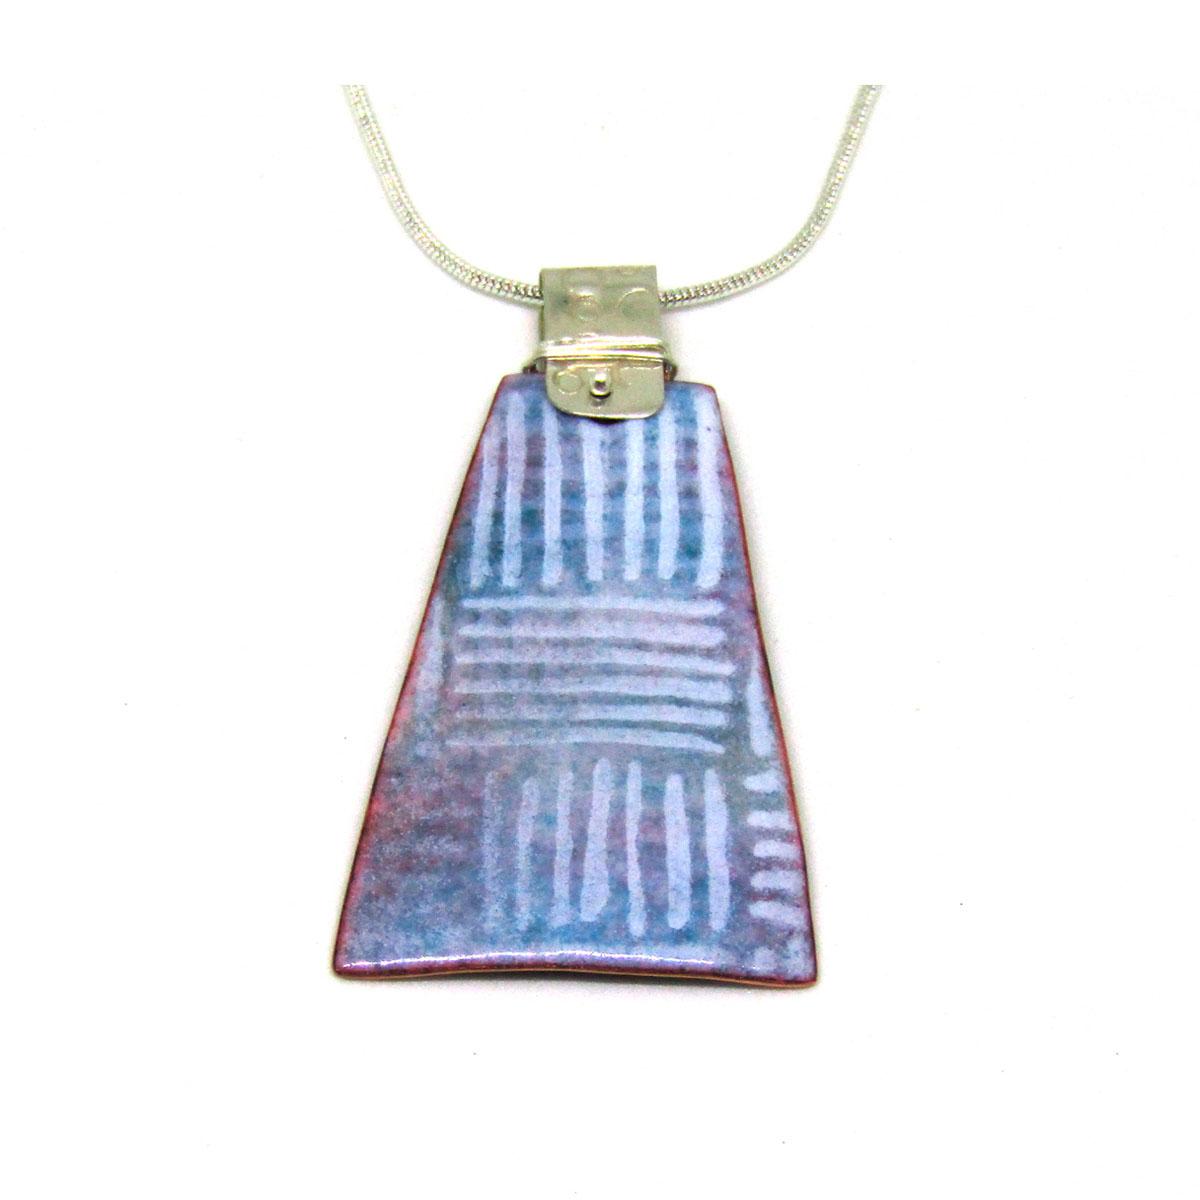 MCA154, Pale Blue and White Stripe Pendant